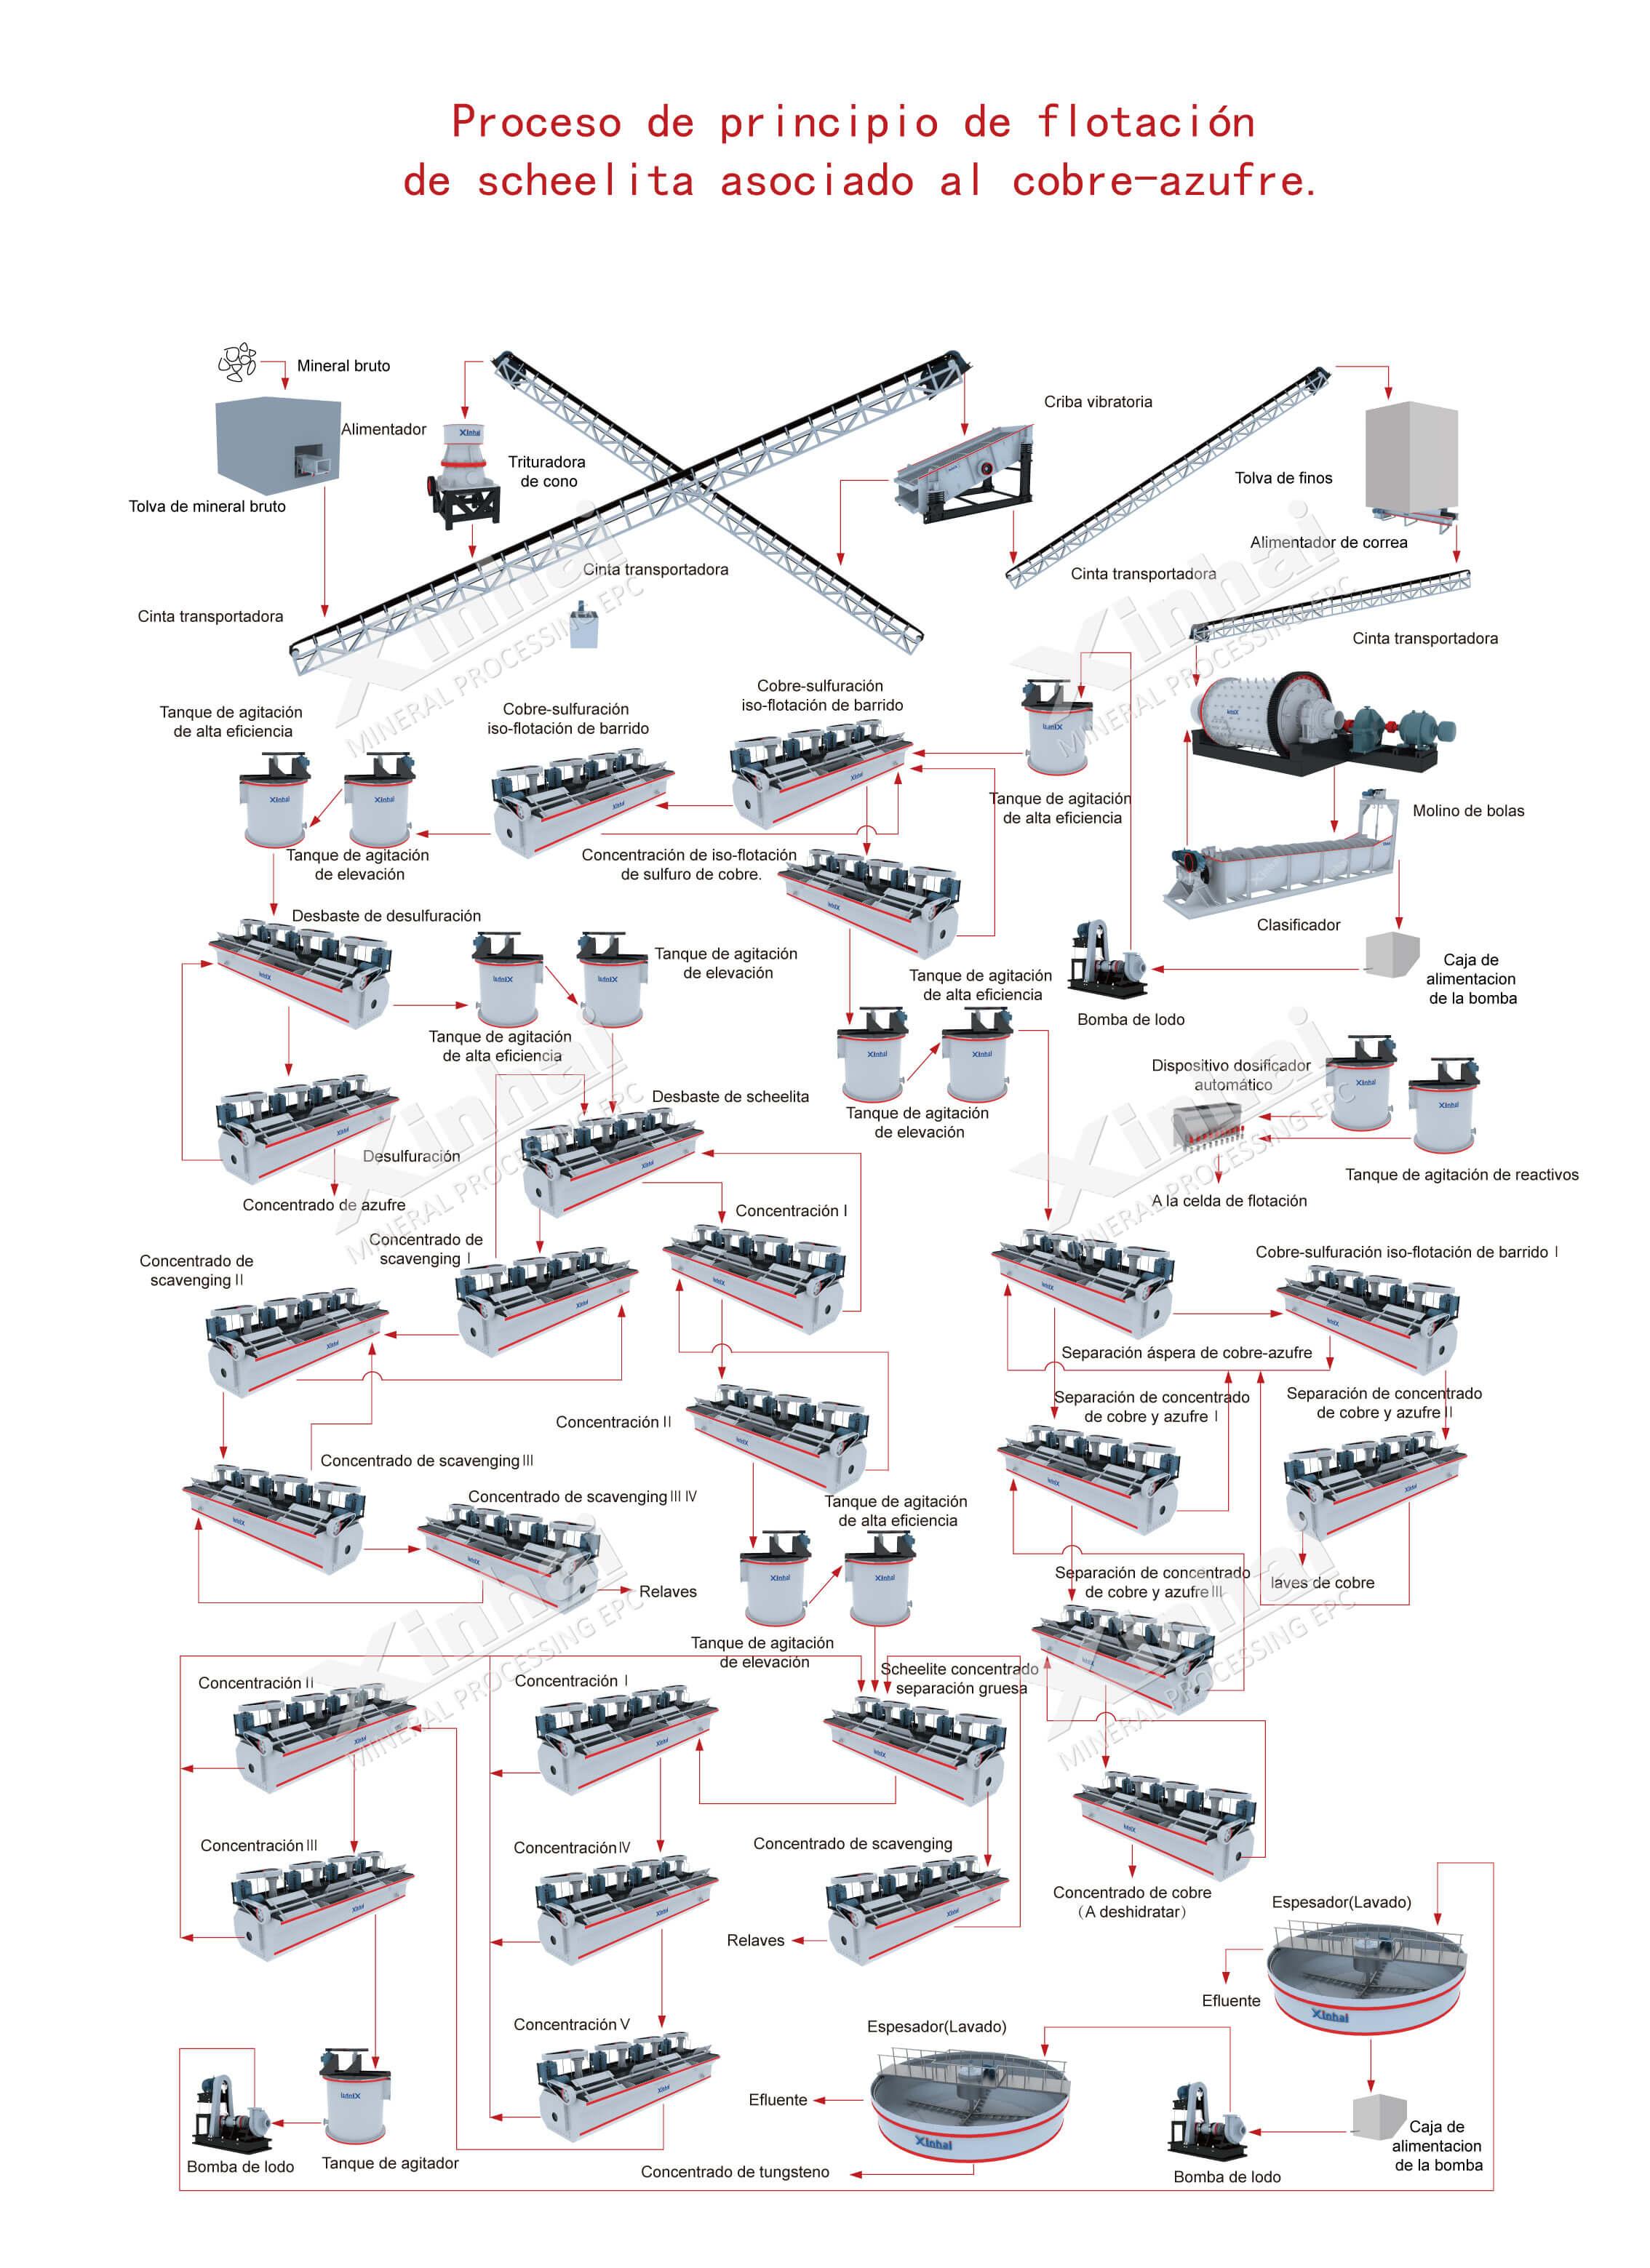 Flotación de Scheelita